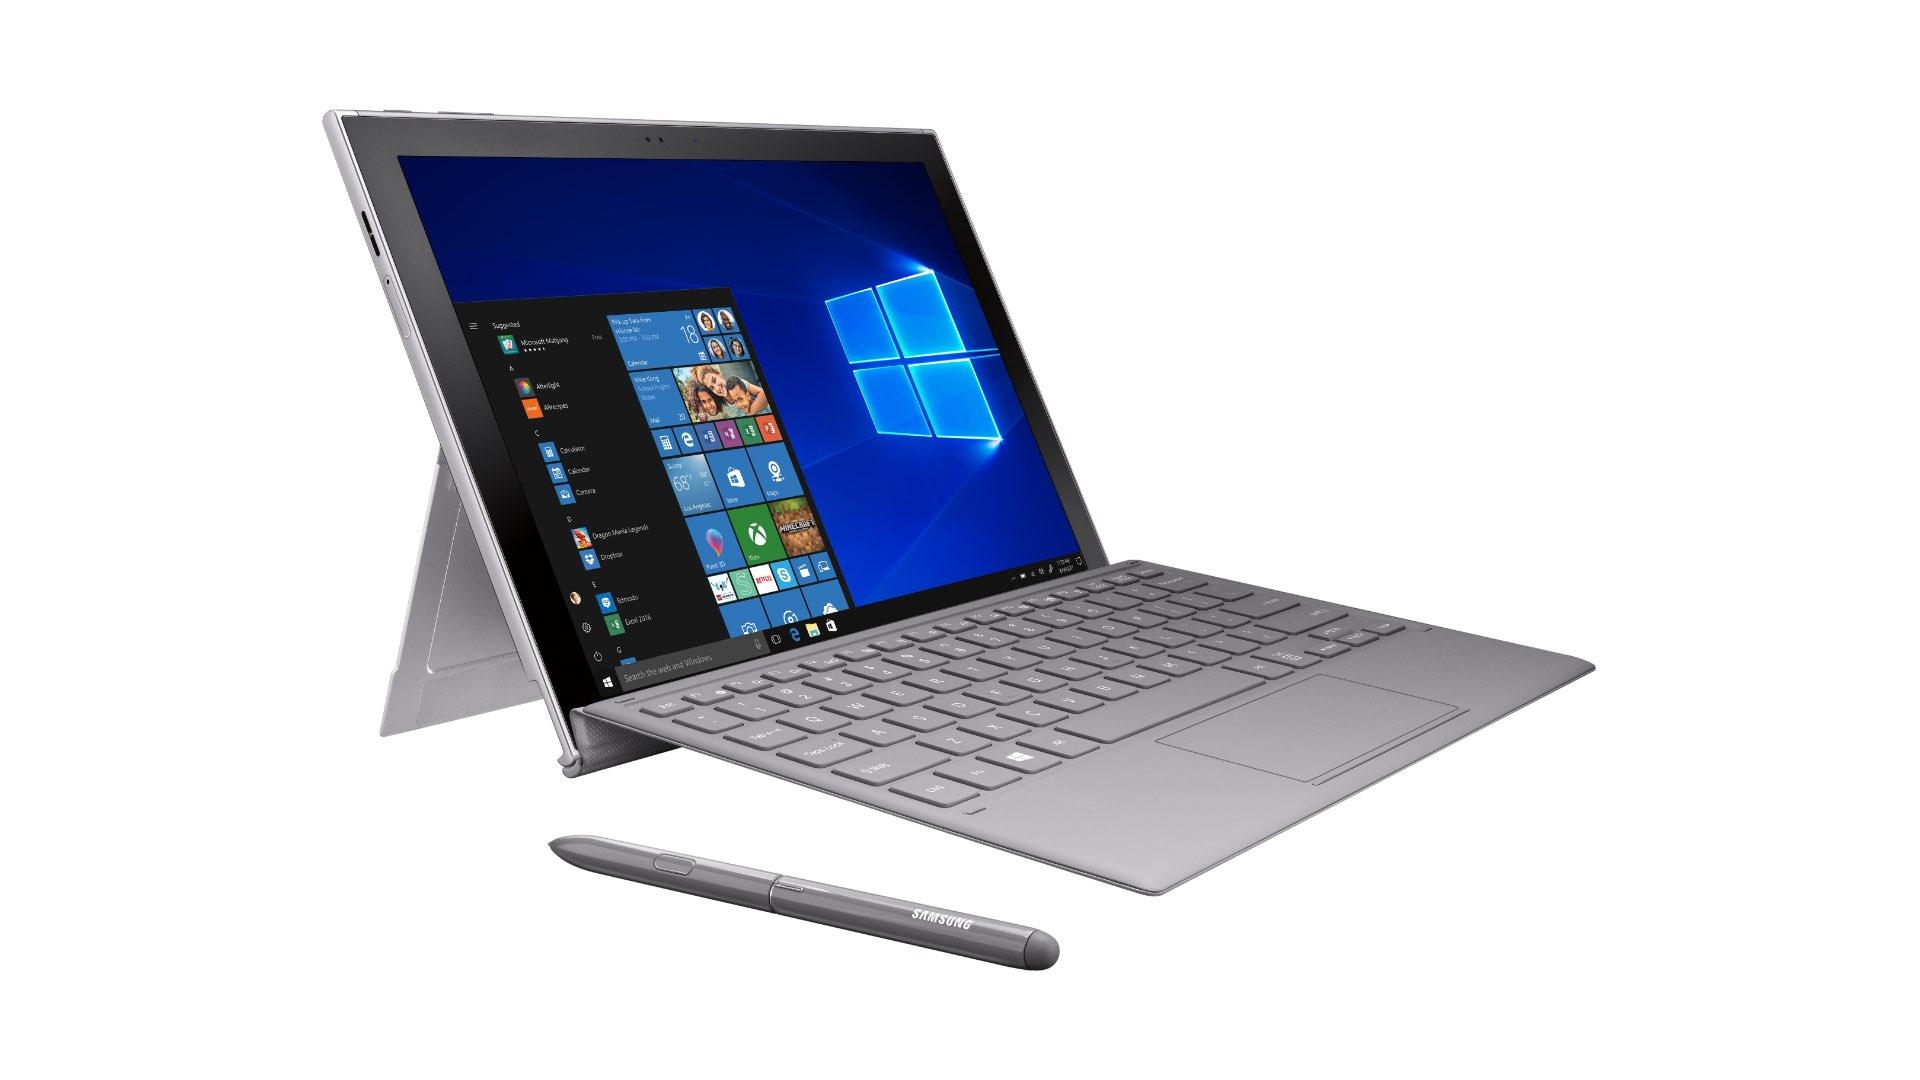 На ринку мобільних SoC для ноутбуків очікується серйозна конкуренція